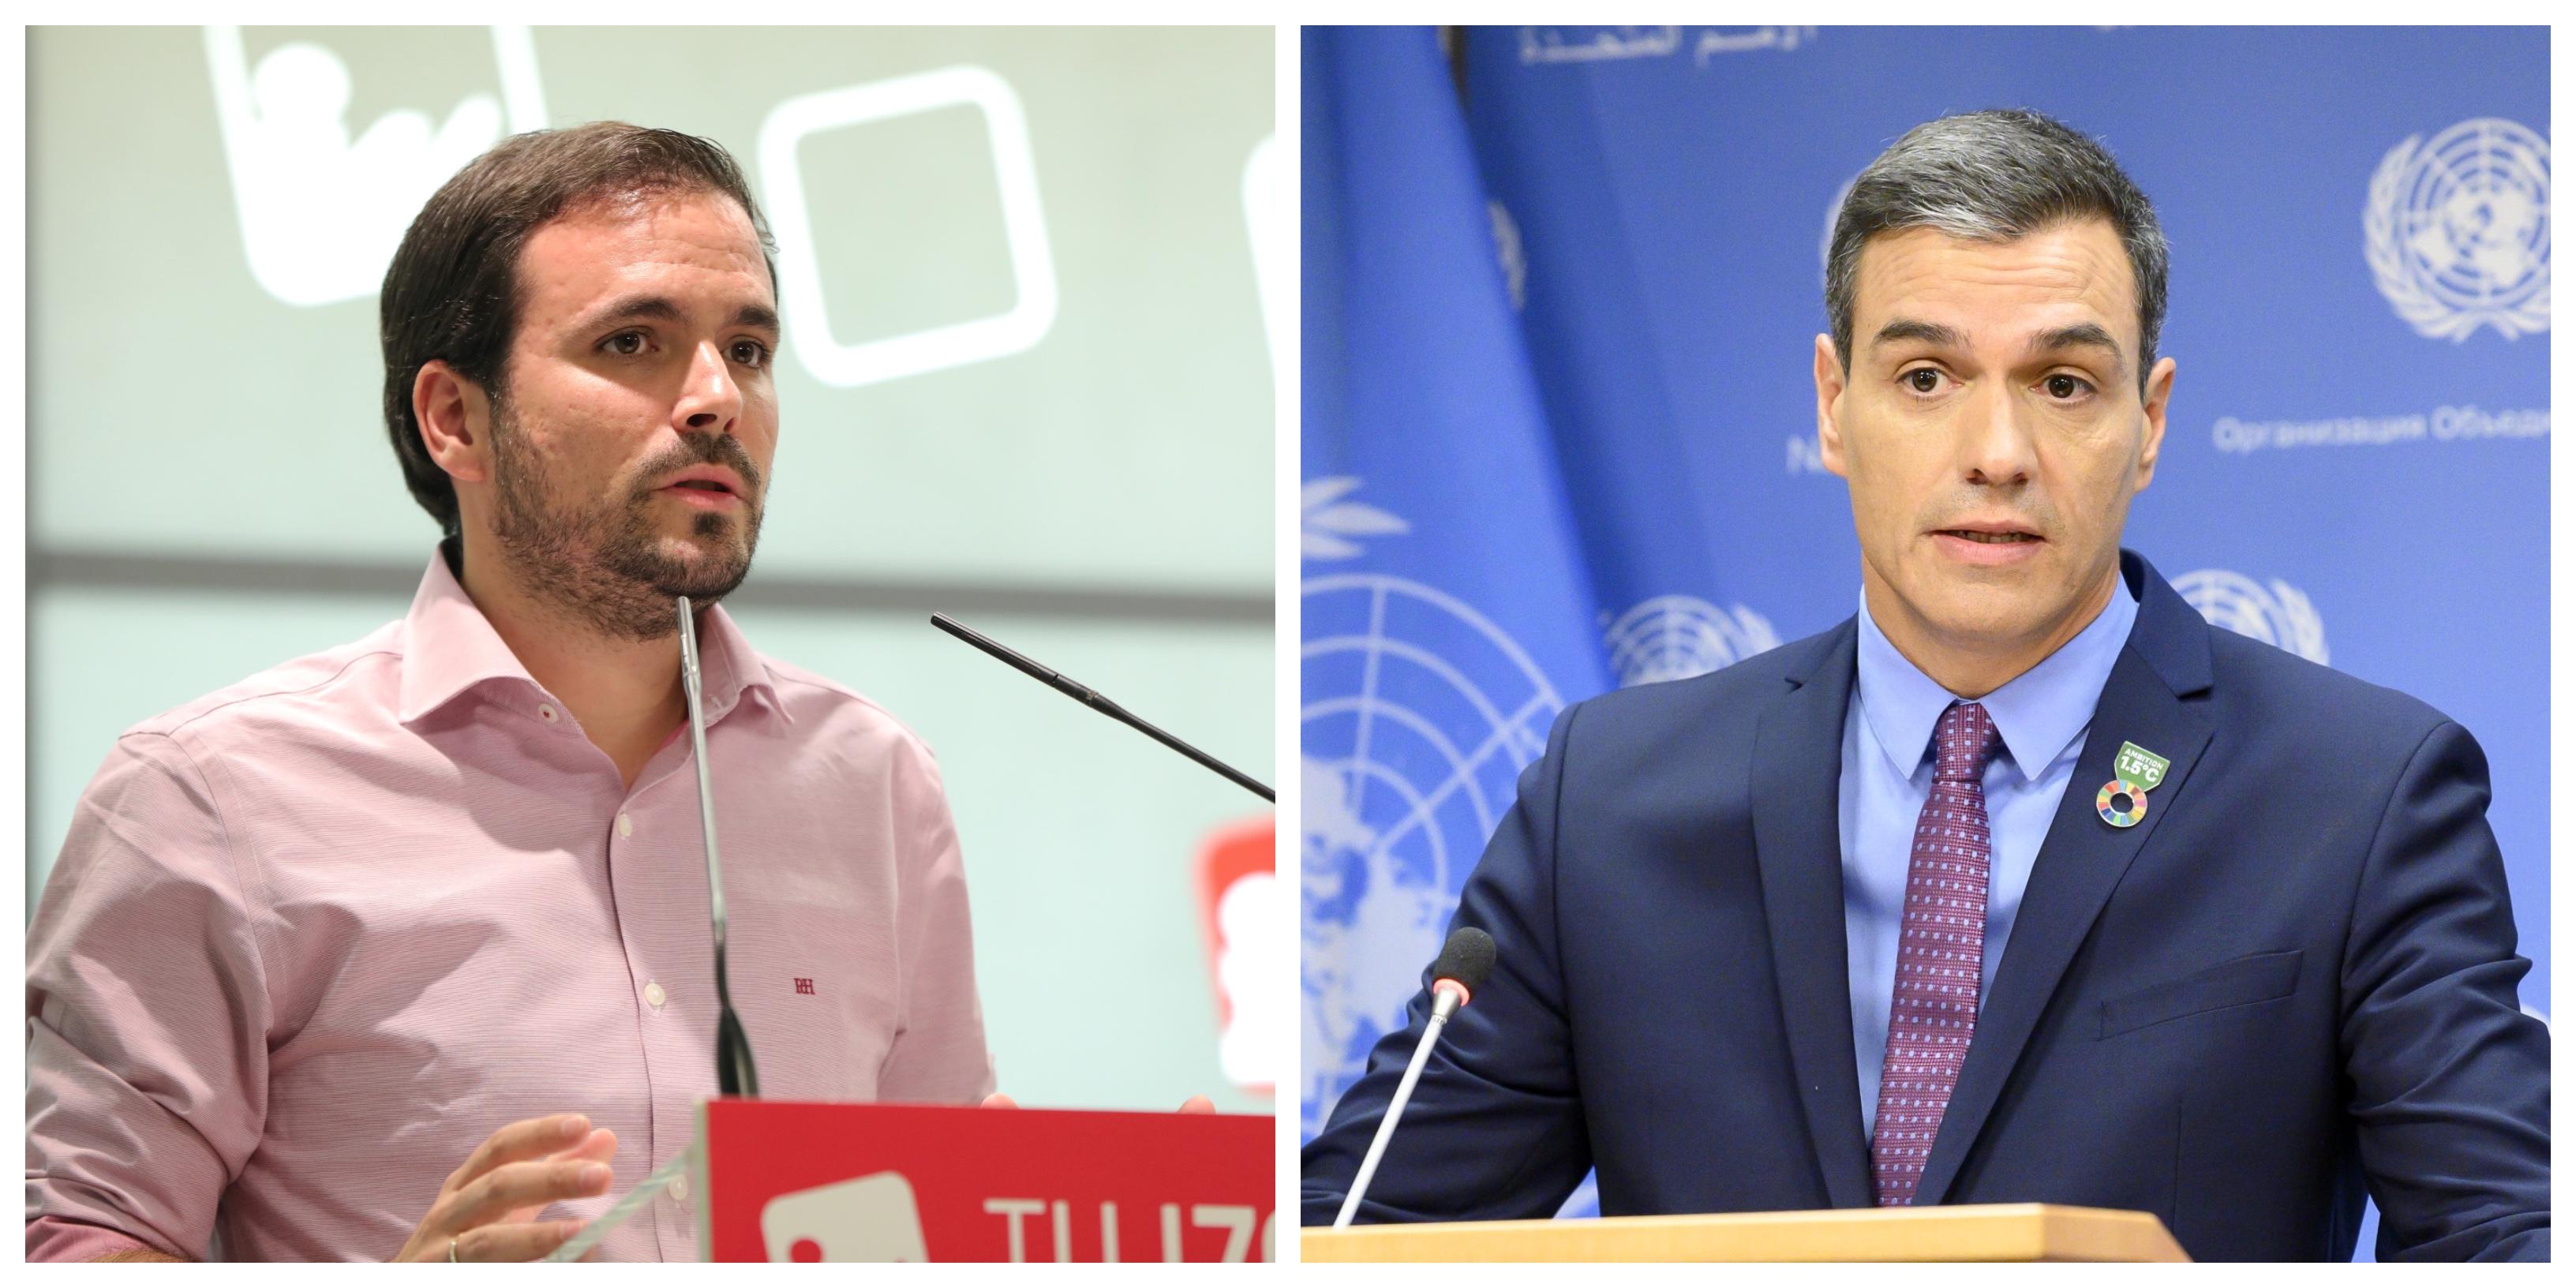 ¡Cómo duelen las verdades! Alberto Garzón patalea por un comentario de Pedro Sánchez